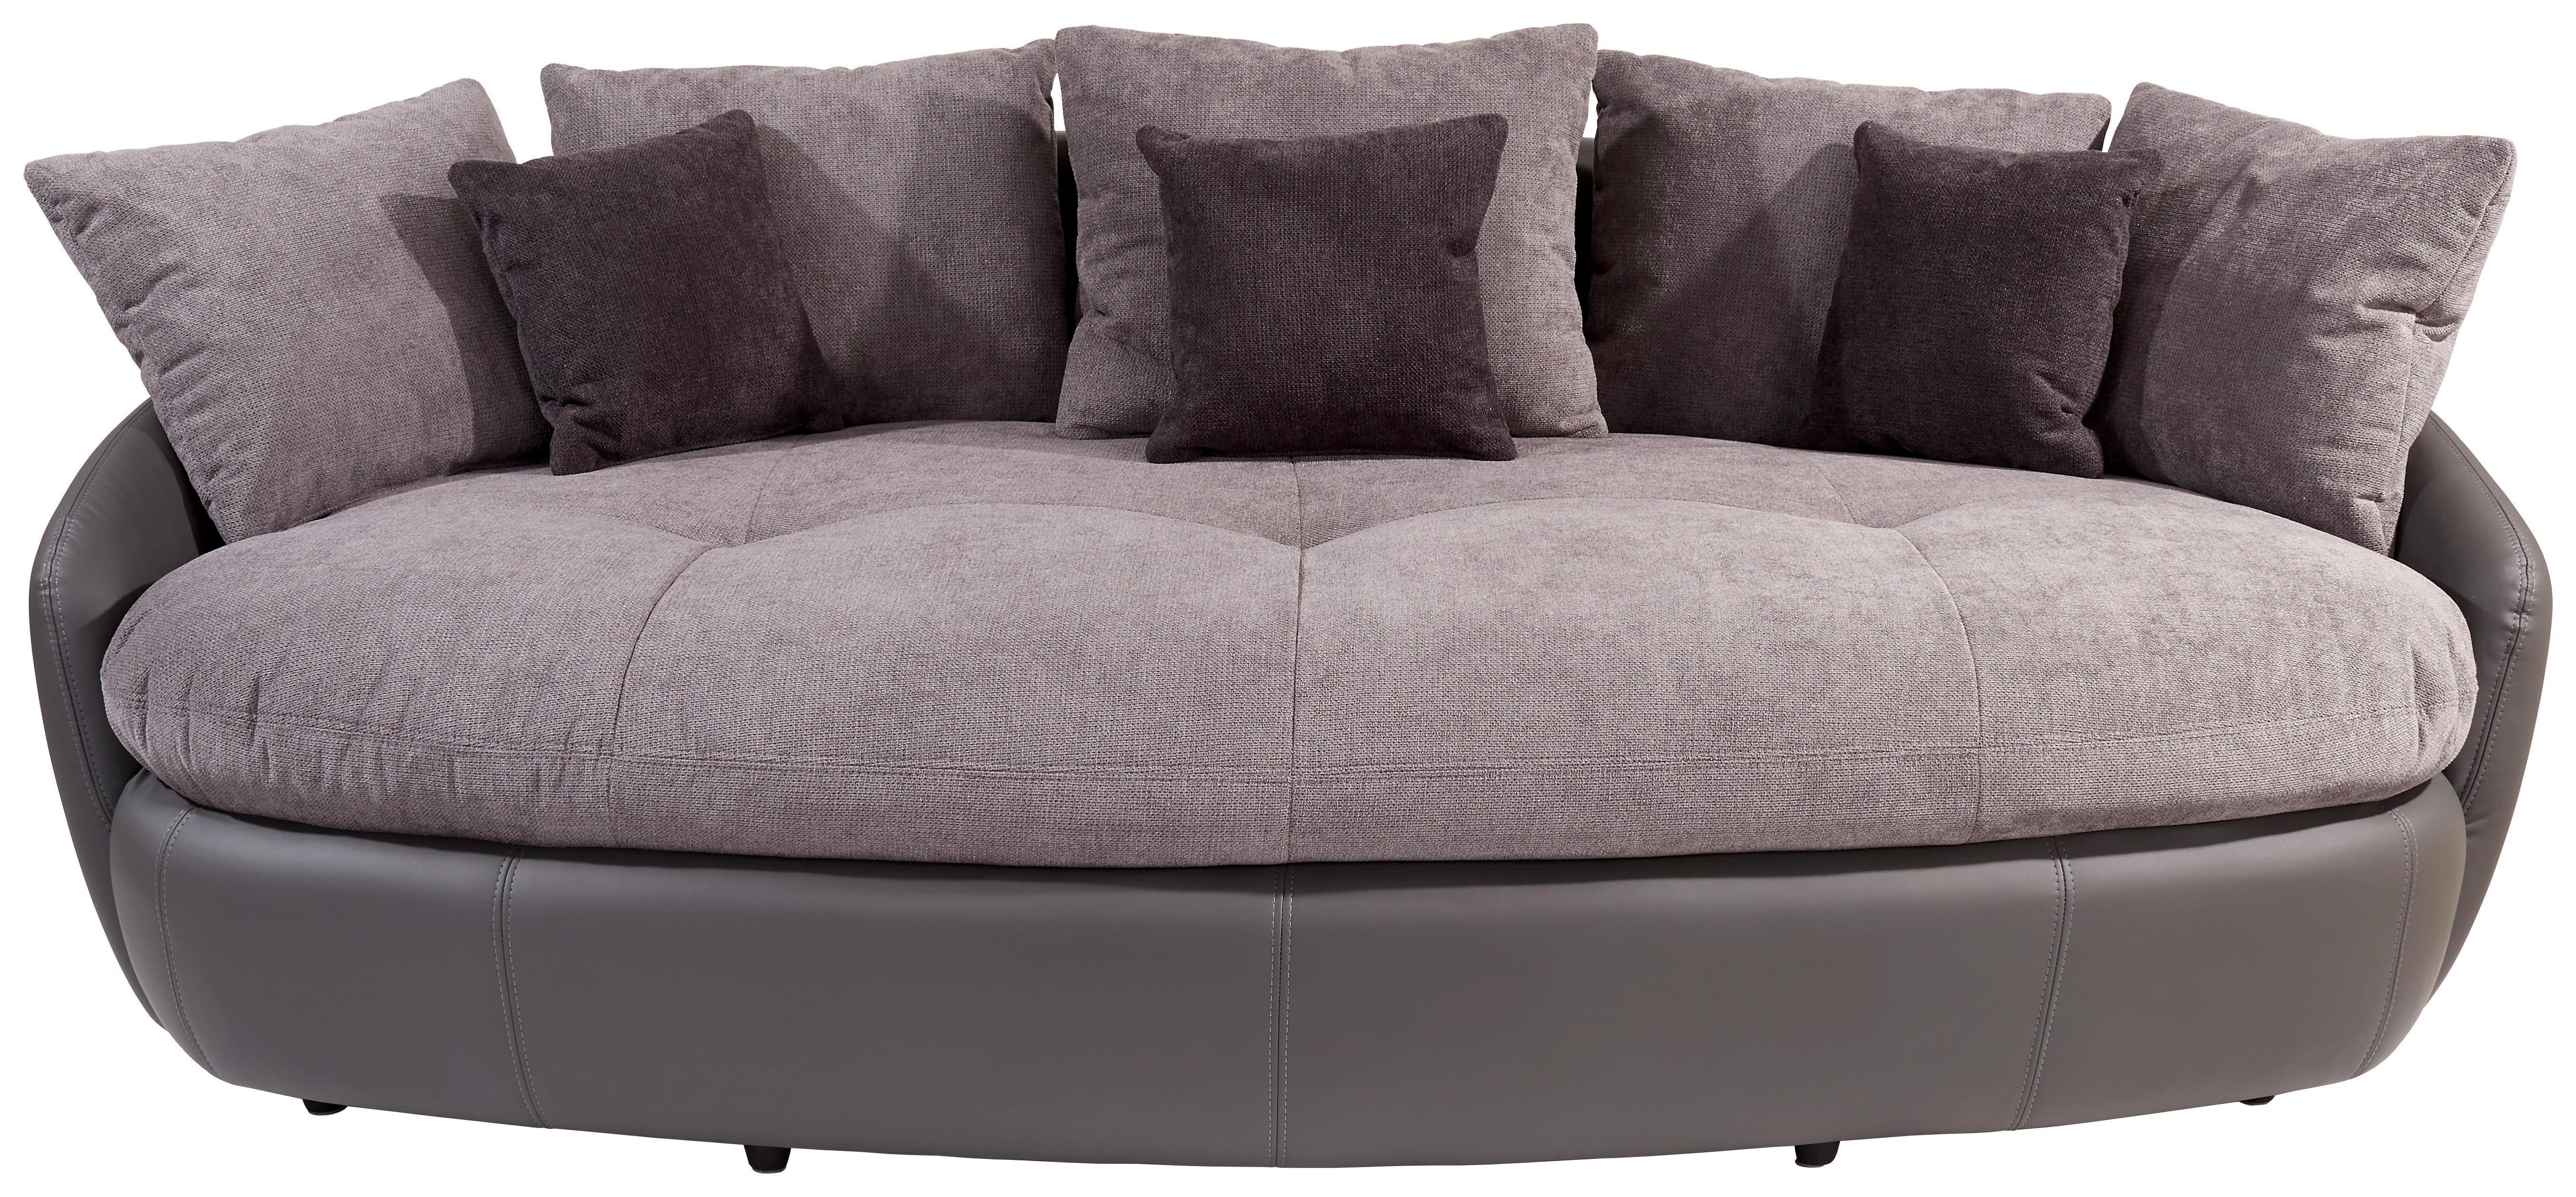 Das Formschöne Mega Sofa ARUBA II Mit 6 Großen Und 3 Kleinen Kissen Ist An